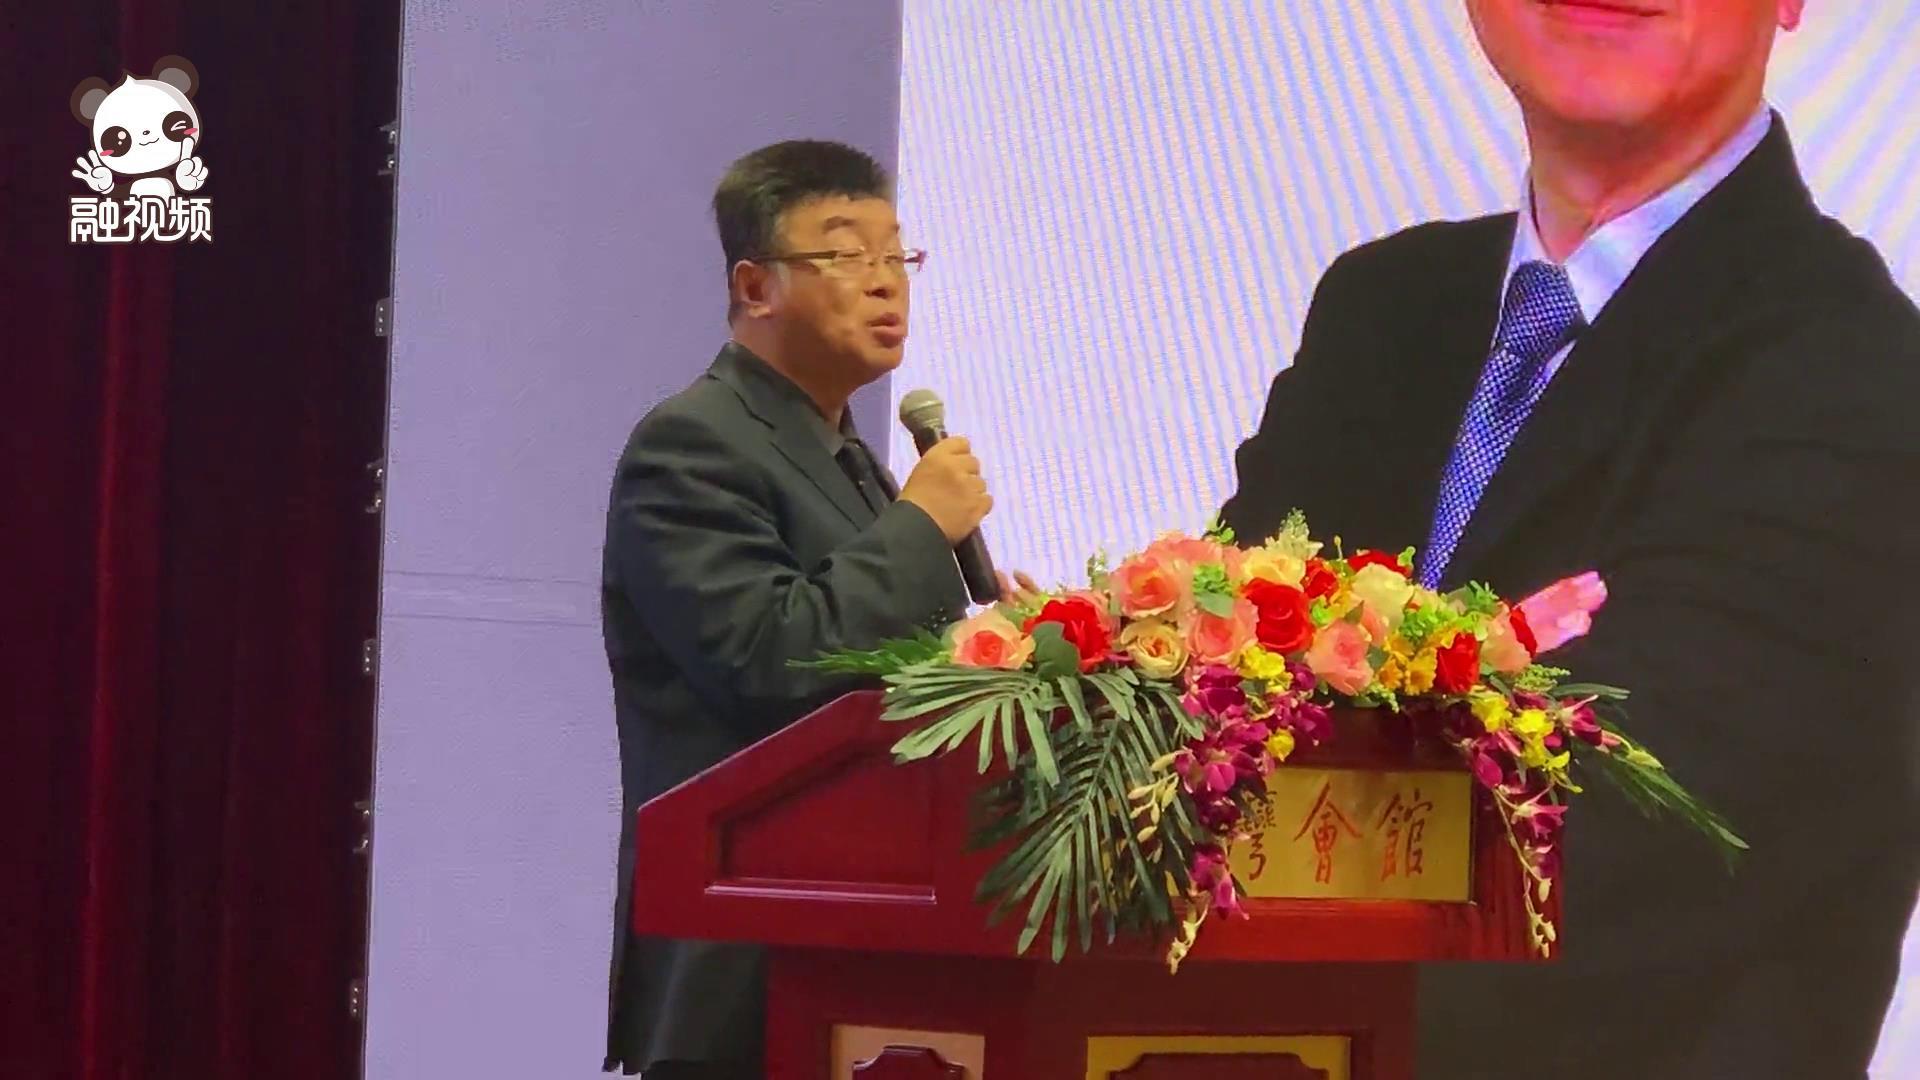 臺灣著名政論家邱毅:希望兩 岸媒體人讓最誠實的聲音傳遞到兩岸圖片